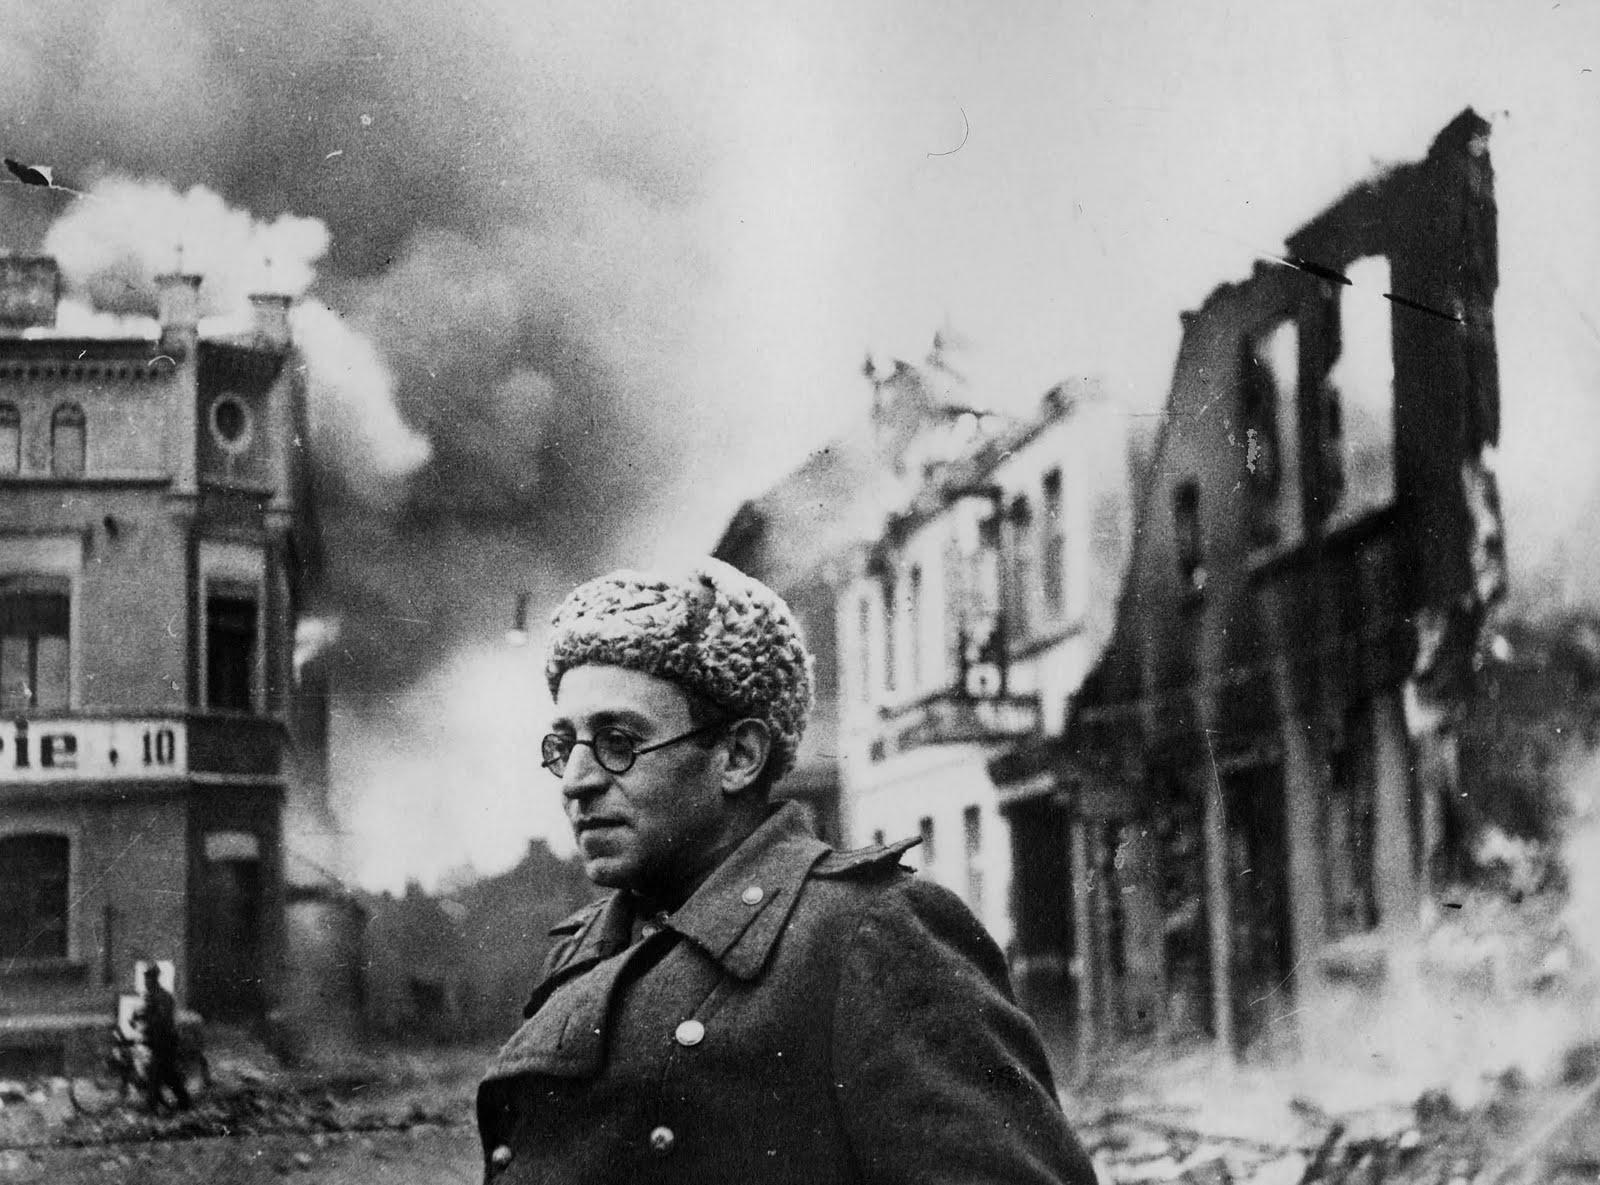 Vasili Grossman en Schwerin, últimos días de la II guerra mundial. Fotografía suministrada por la editorial: Galaxia Gutenberg